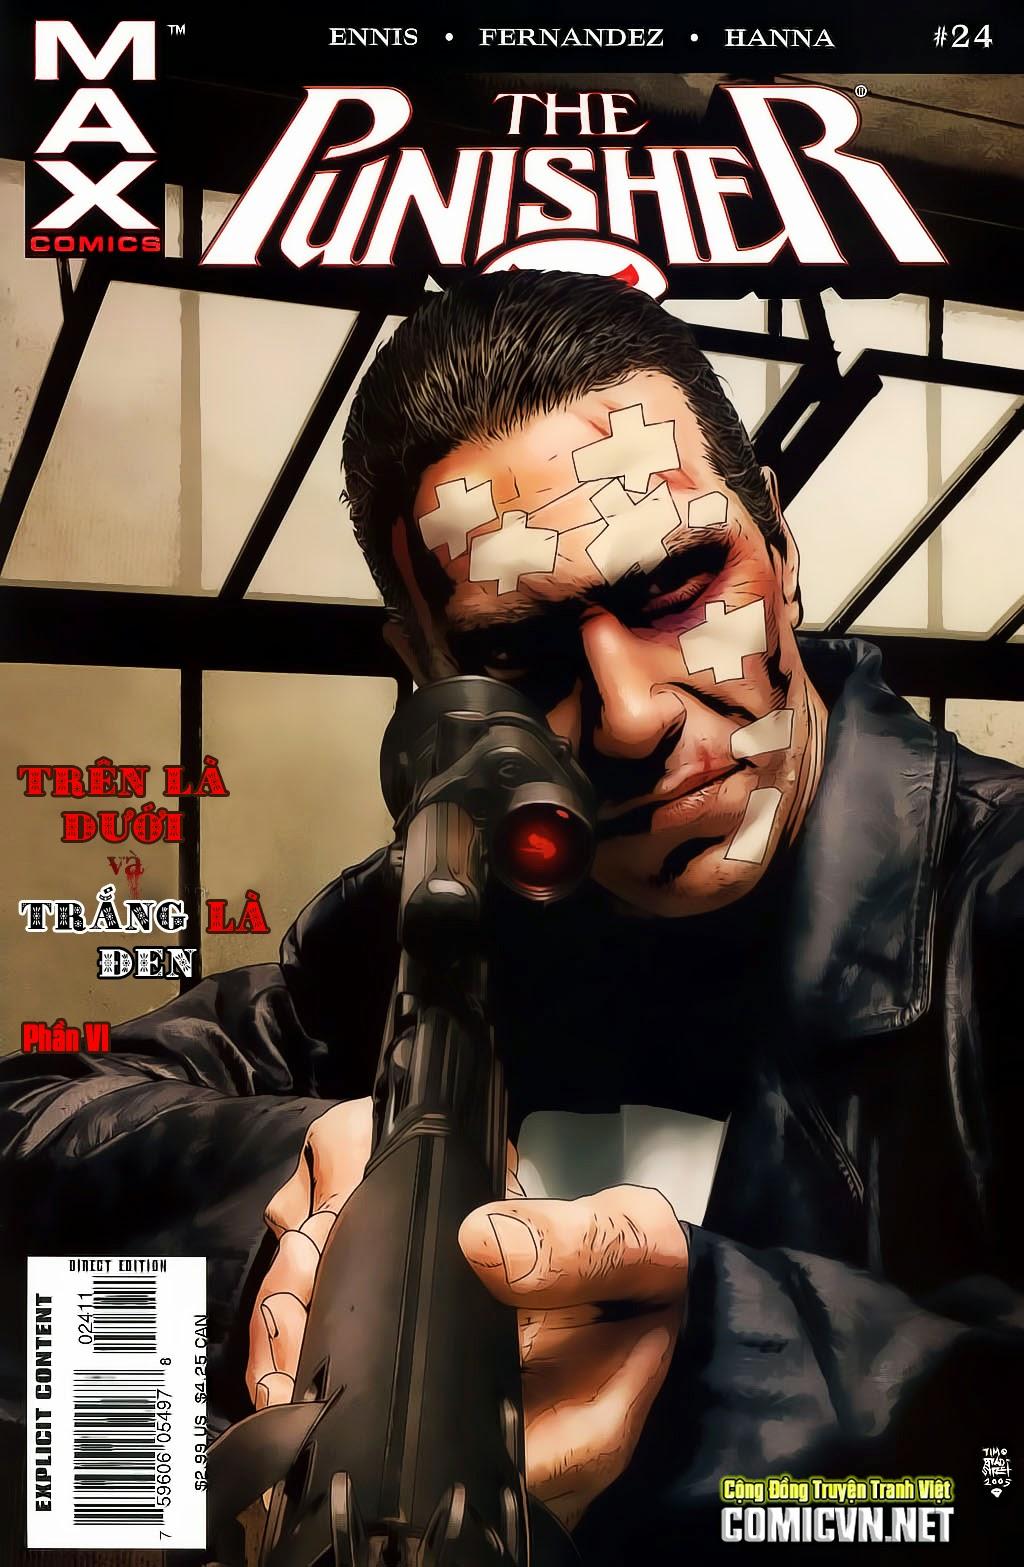 The Punisher: Trên là Dưới & Trắng là Đen chap 6 - Trang 1